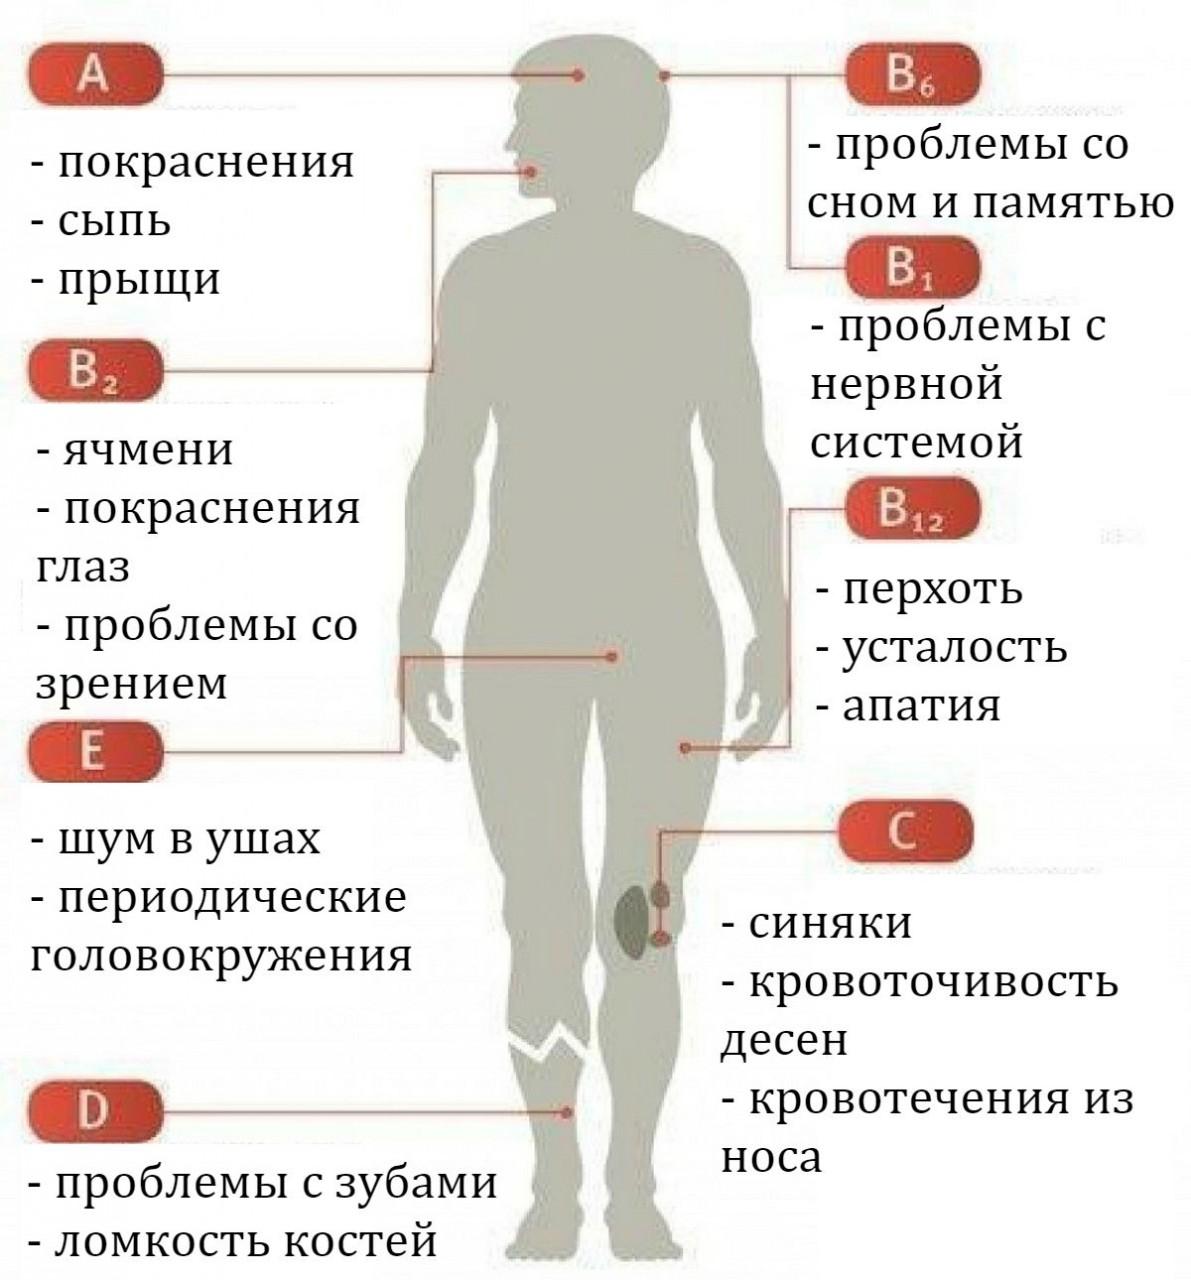 Вот как узнать, каких именно витаминов вам не хватает